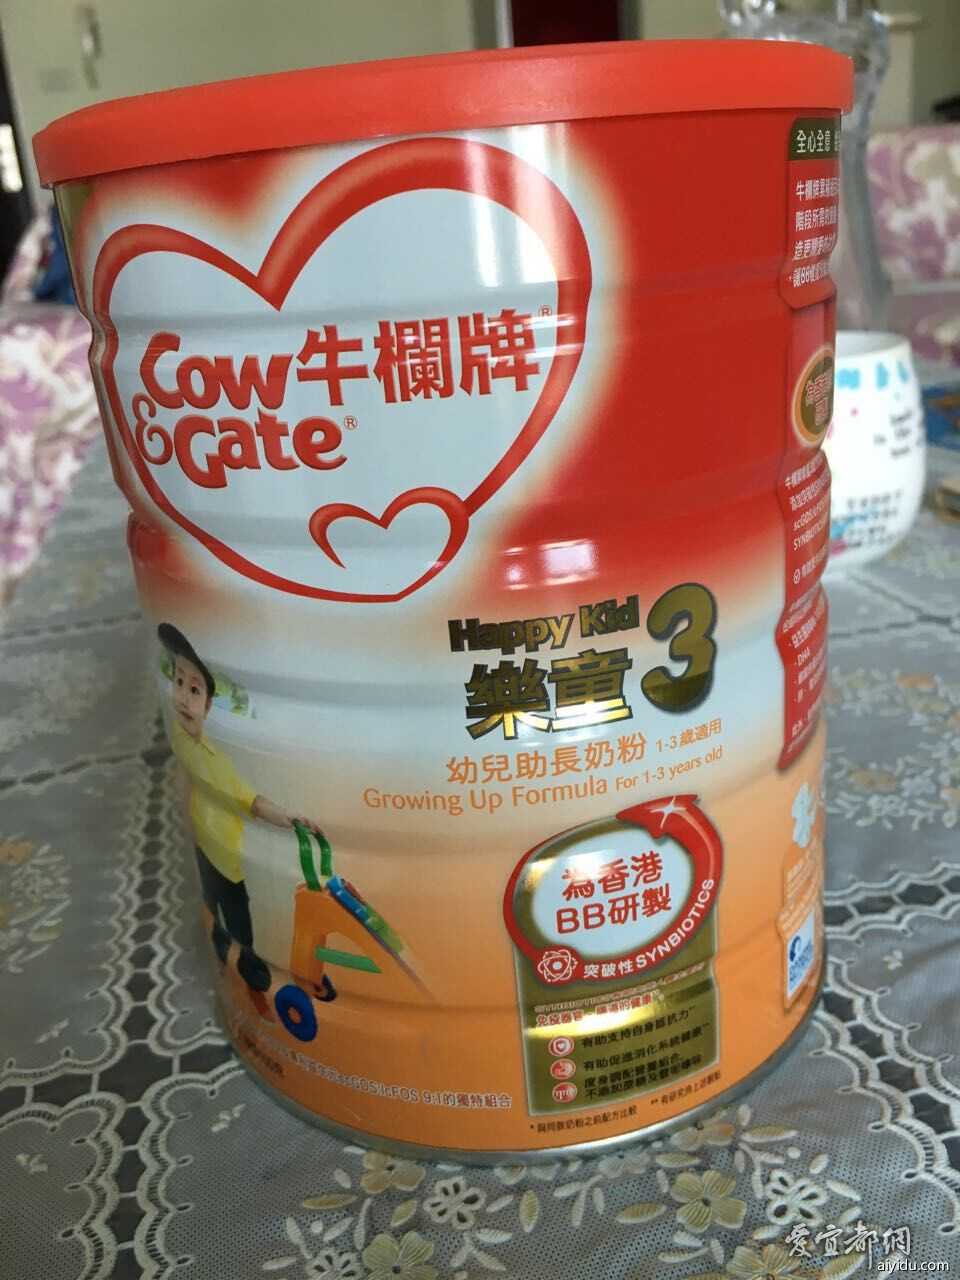 牛栏(Cow& Gate)【香港直邮】港版Cow& Gate牛栏1段奶... -京东